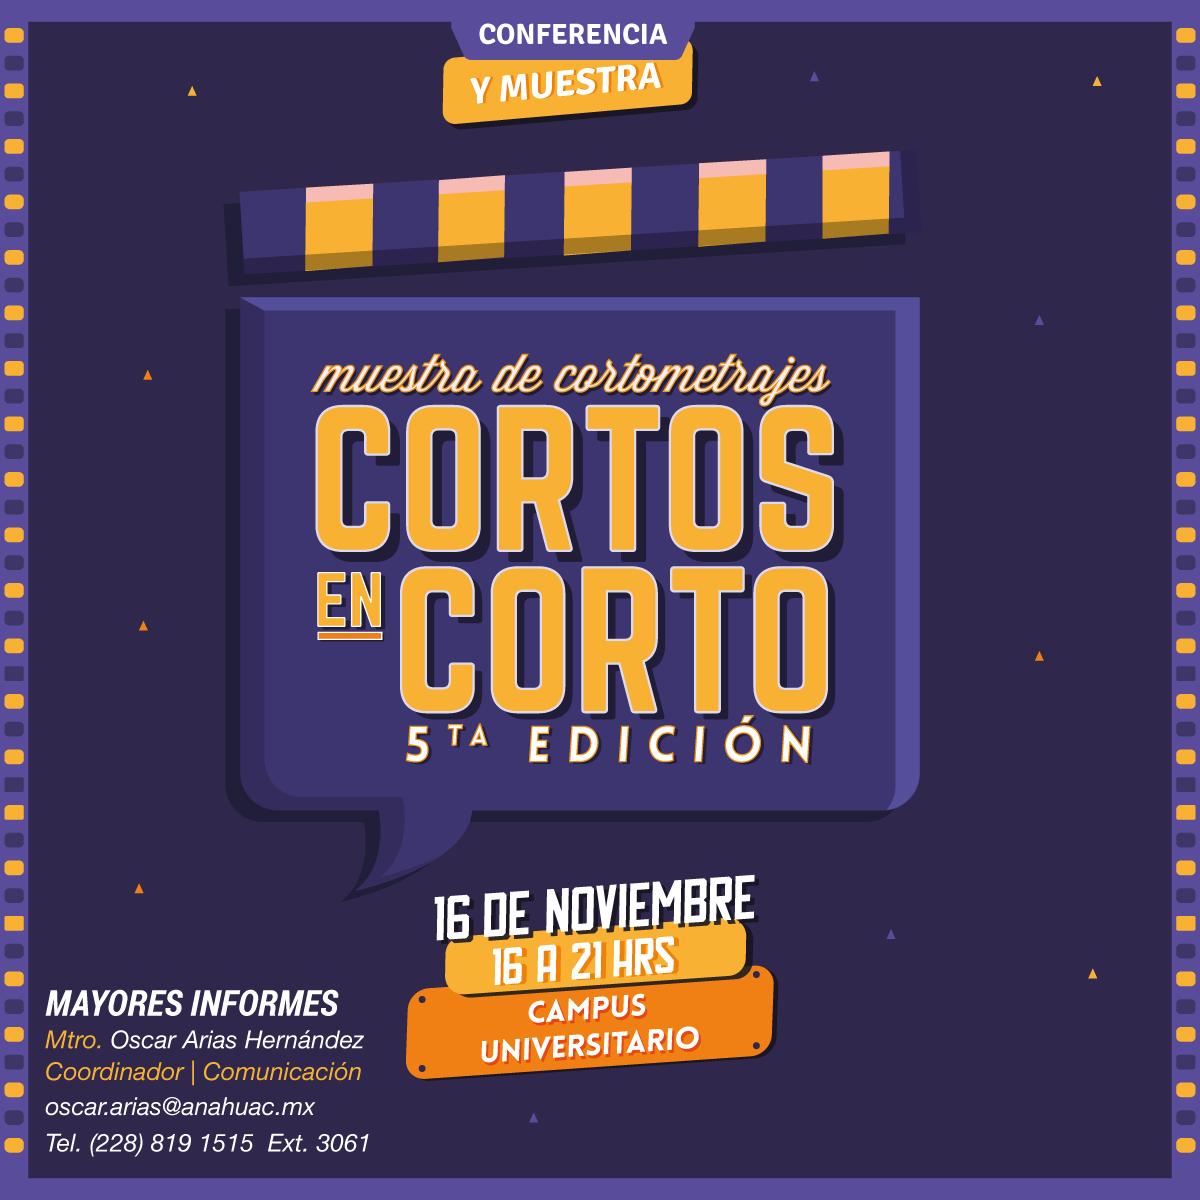 Cortos en Corto: 5ta Muestra de Cortometrajes